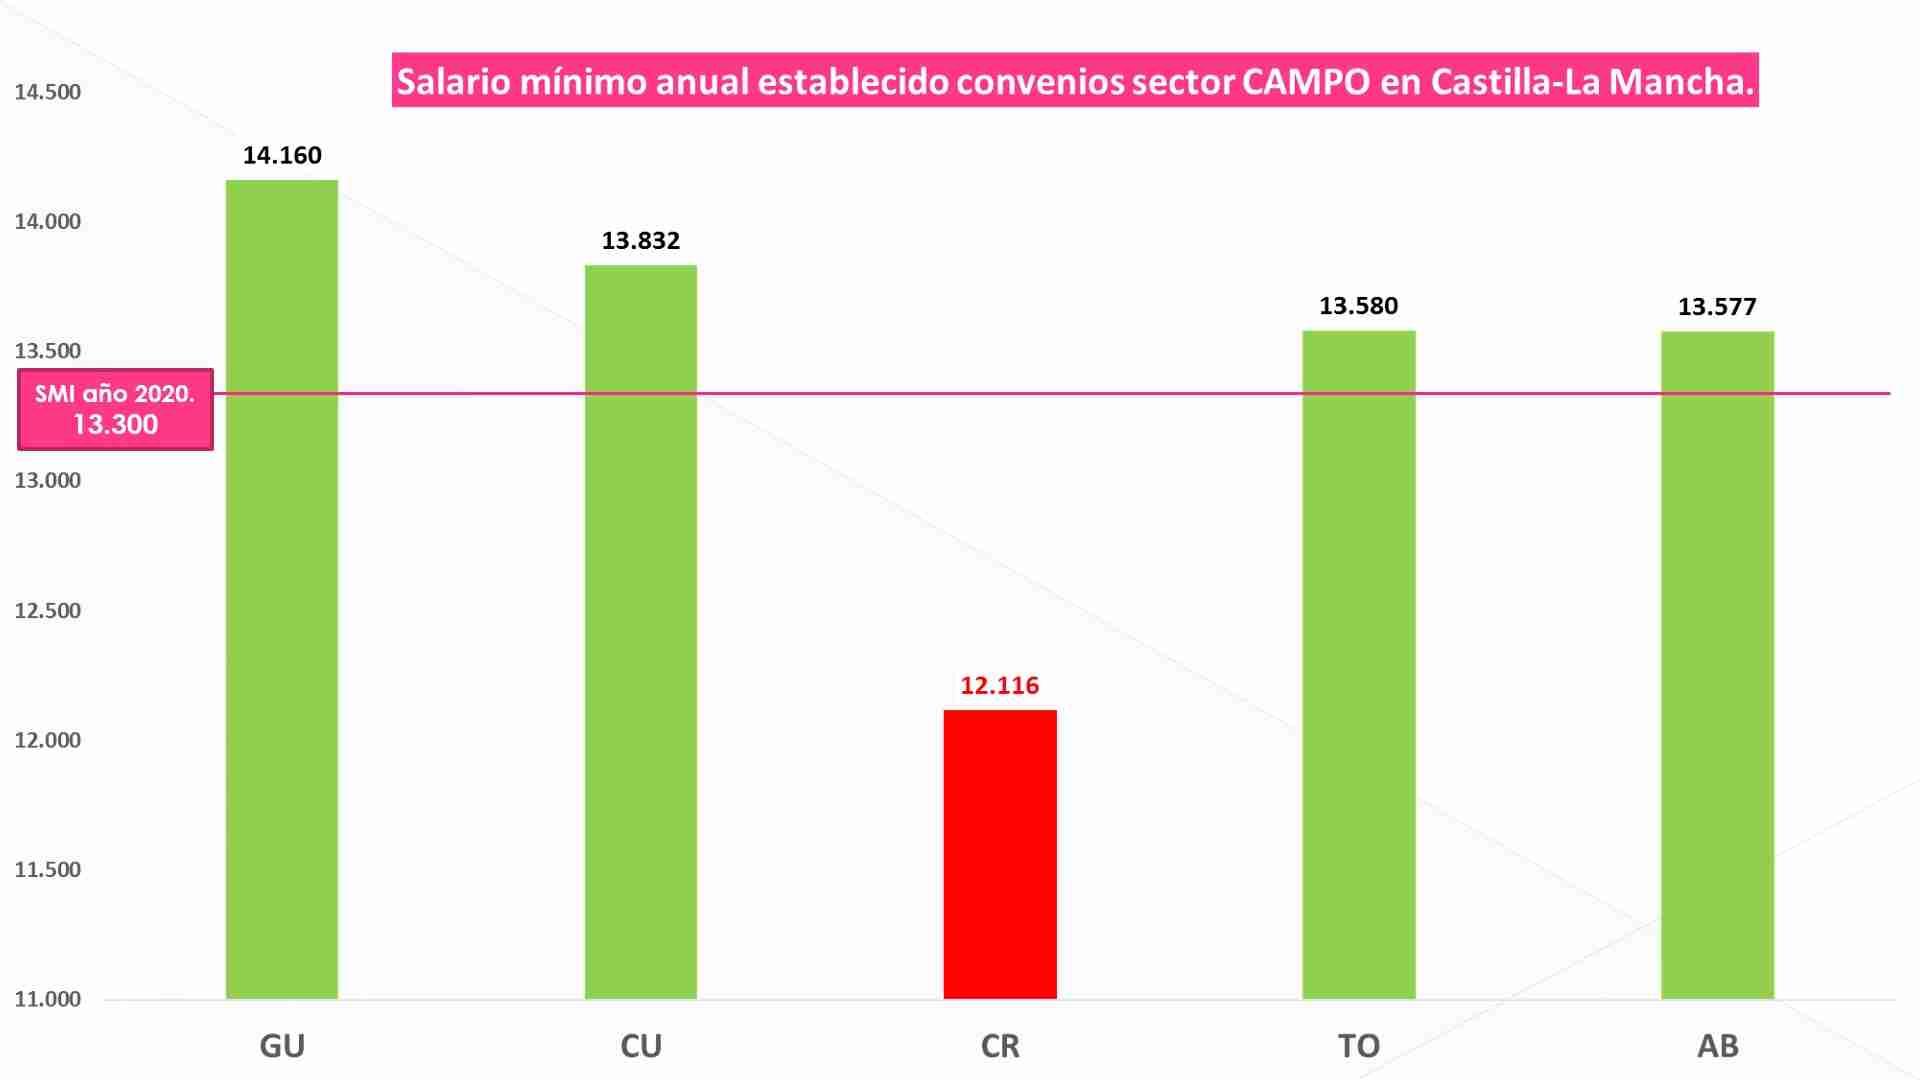 CCOO-Industria CLM denuncia que Asaja-Ciudad Real lleva todo el año sustrayendo dinero a miles de asalariados 3